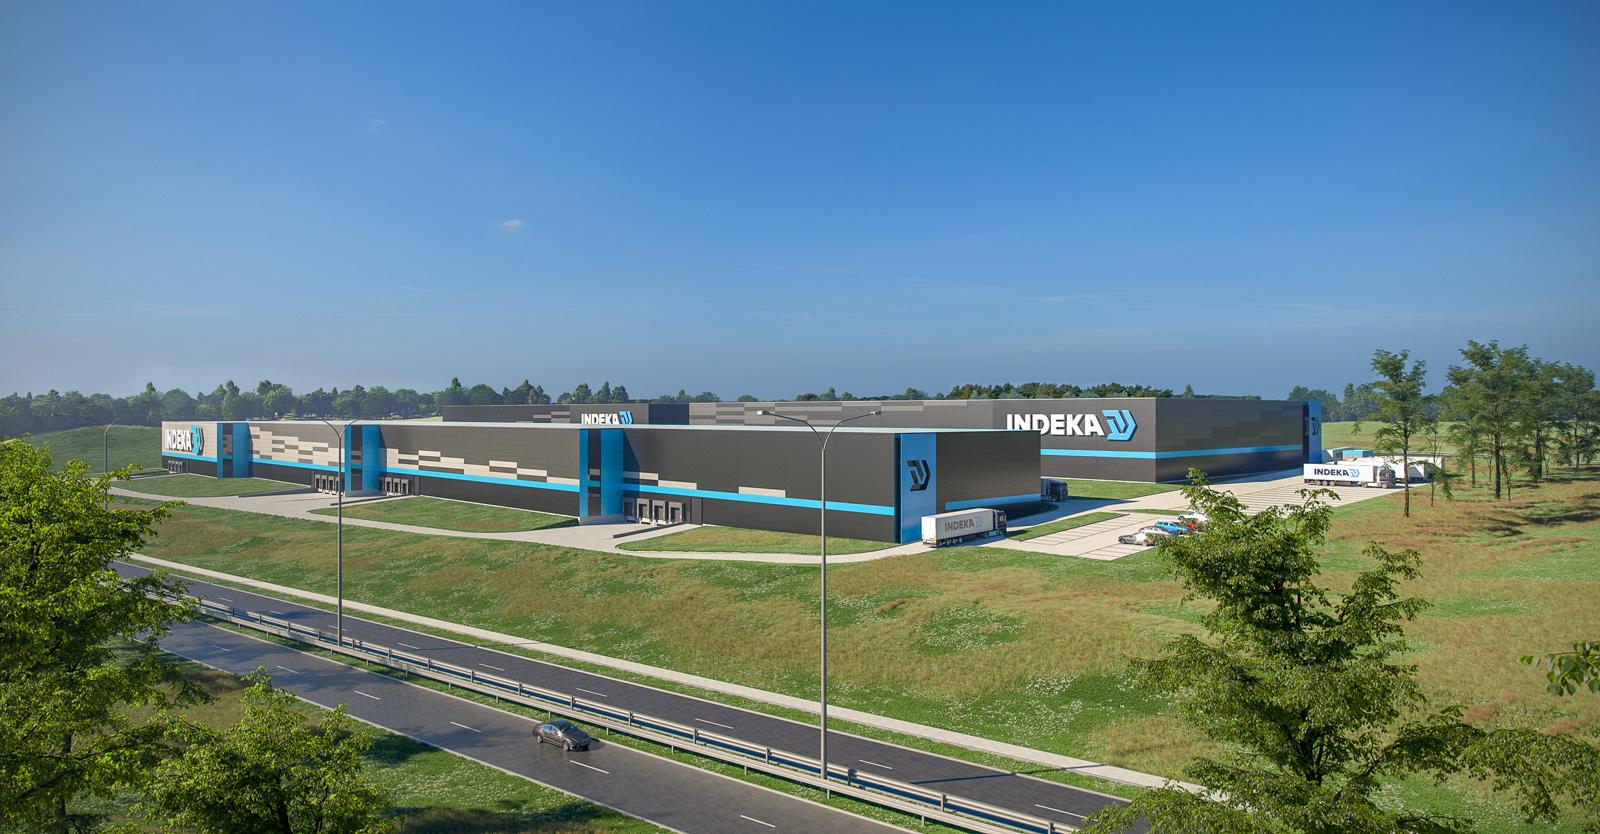 rozbudowa centrum logistycznego Indeka - hala logistyczna, drugi etap budowy centrum logistycznego, generalne wykonawstwo CoBouw Polska